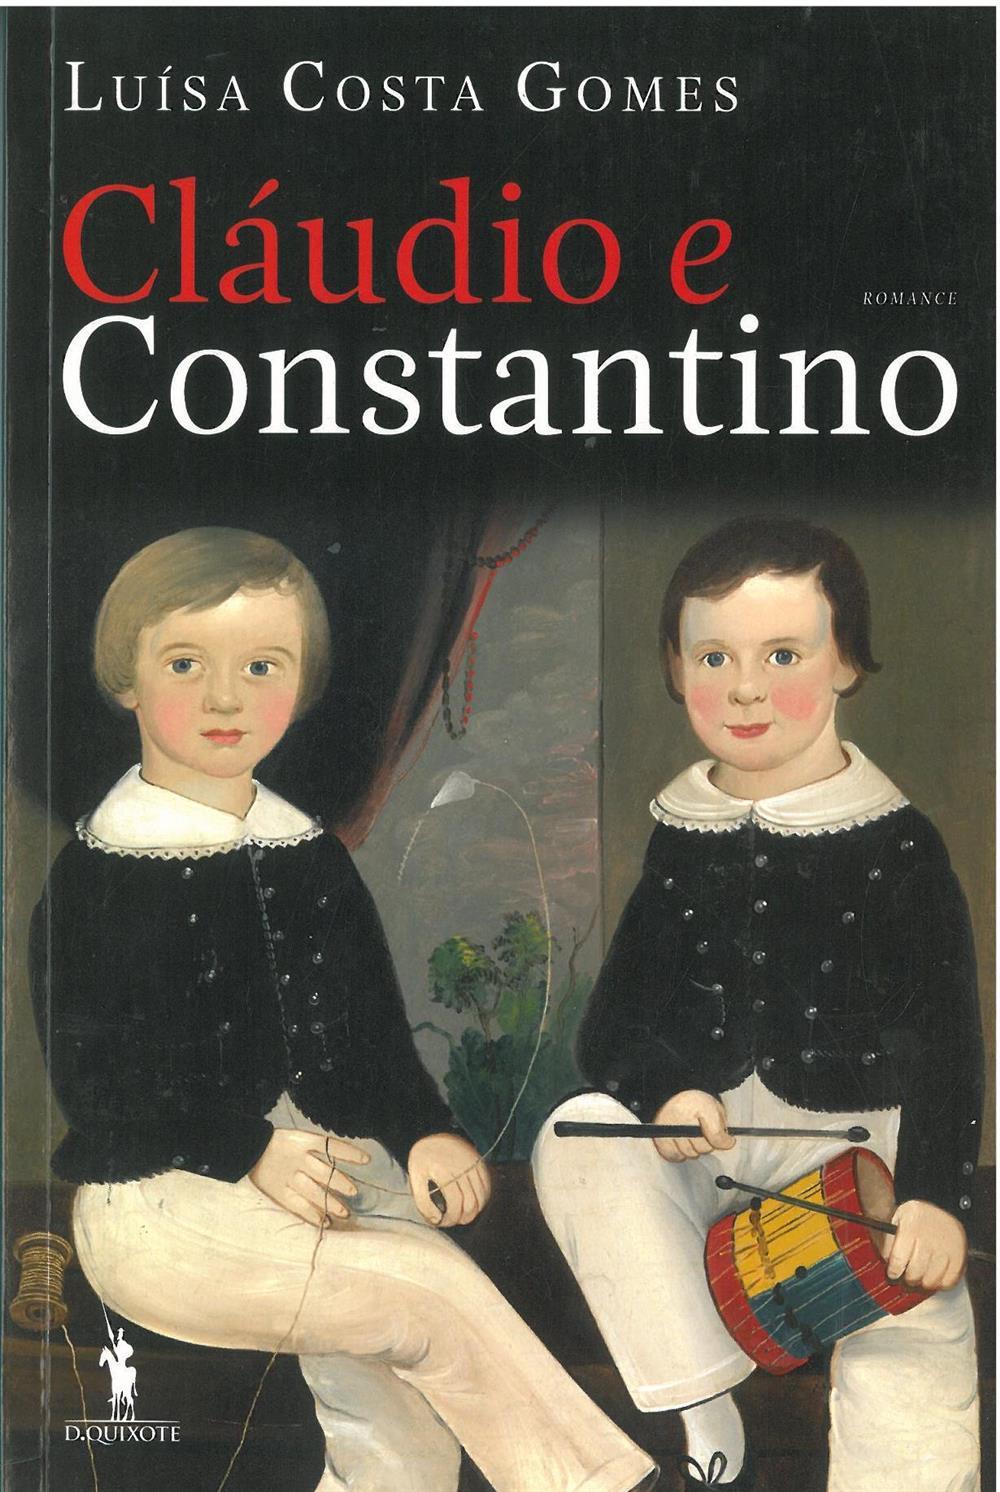 Cláudio e Constantino_.jpg